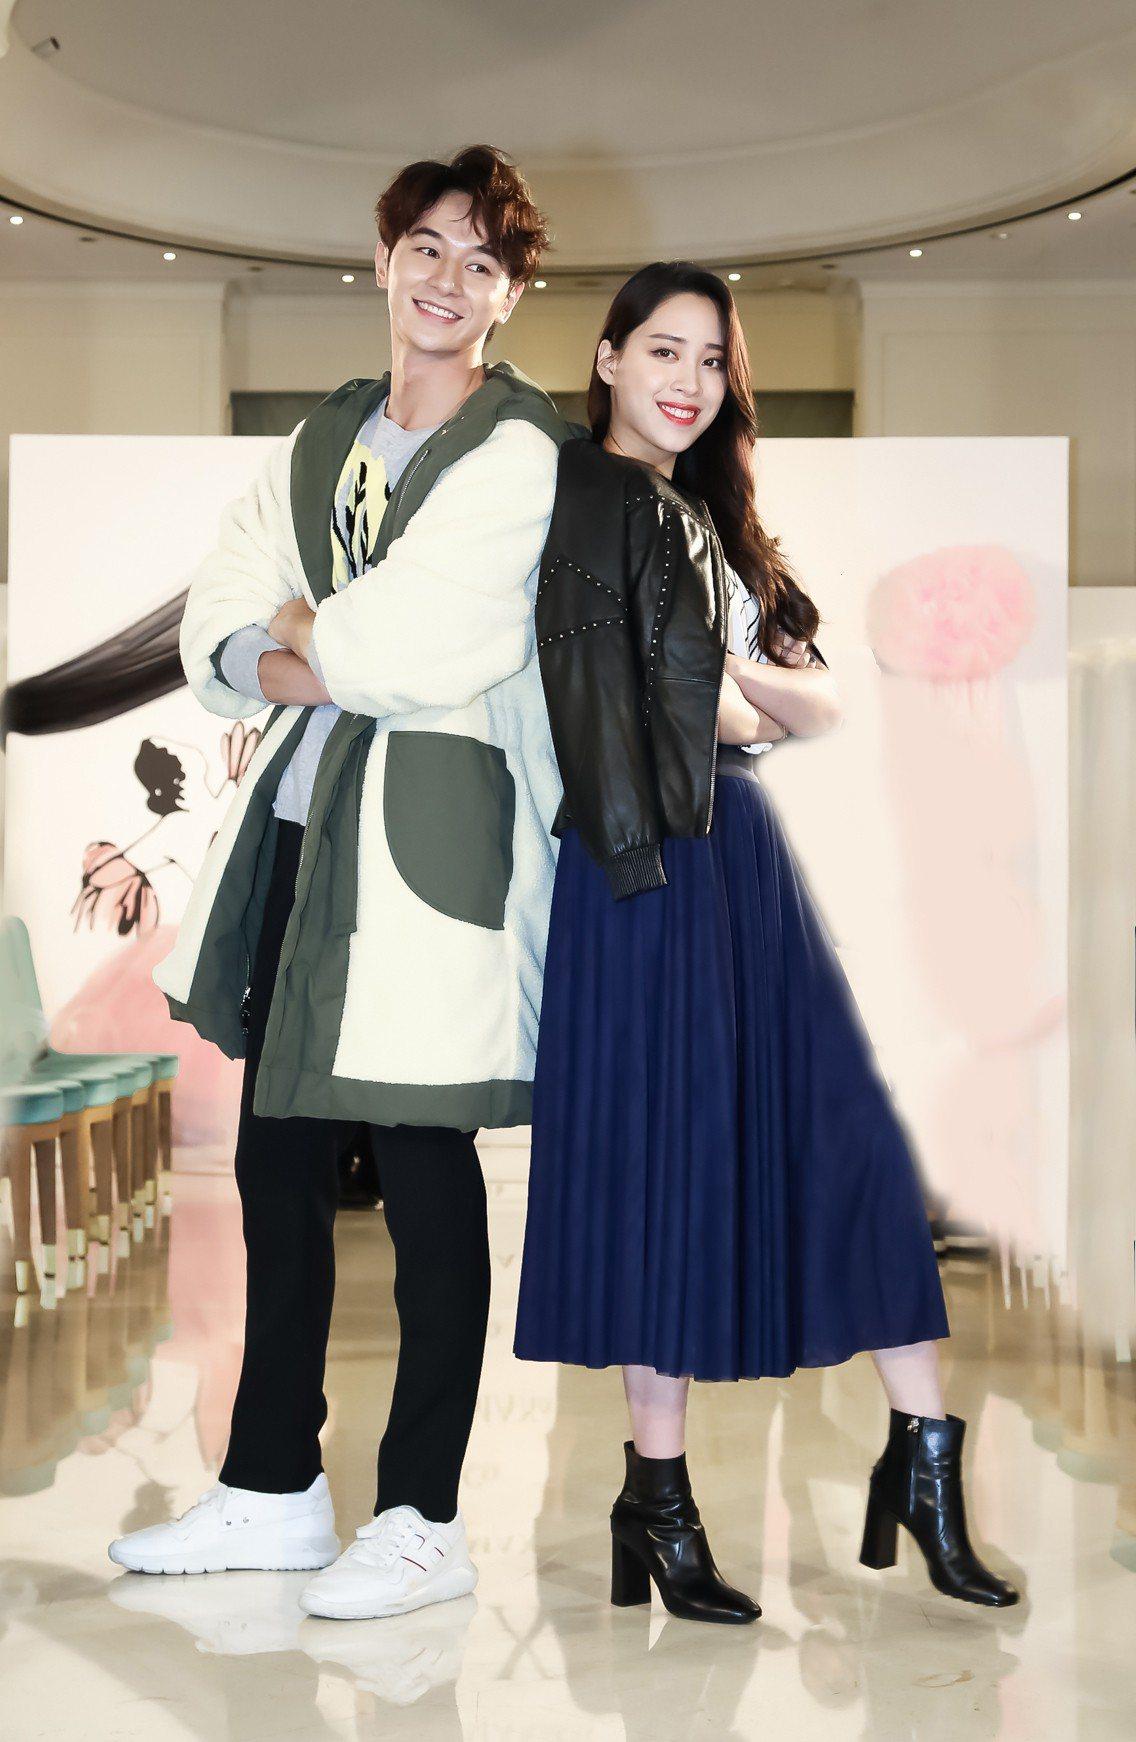 張軒睿(左)與歐陽妮妮(右)首次為MAX&Co.同台走秀。圖/華敦提供